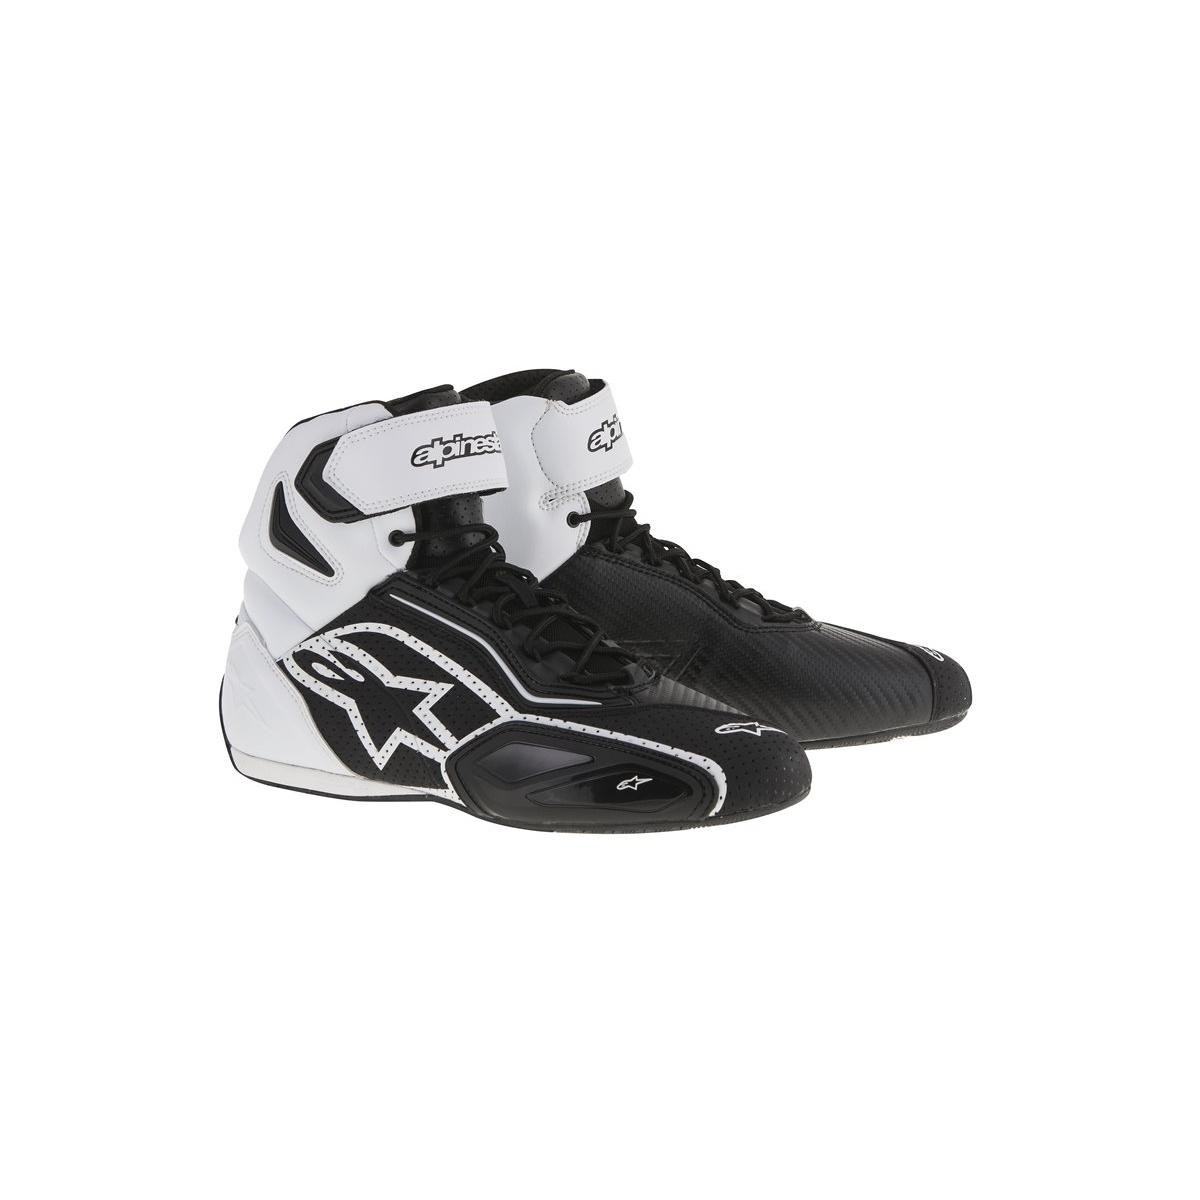 Topánky  FASTER 2 Vented, ALPINESTARS (čierne/biele/perforované prevedenie)